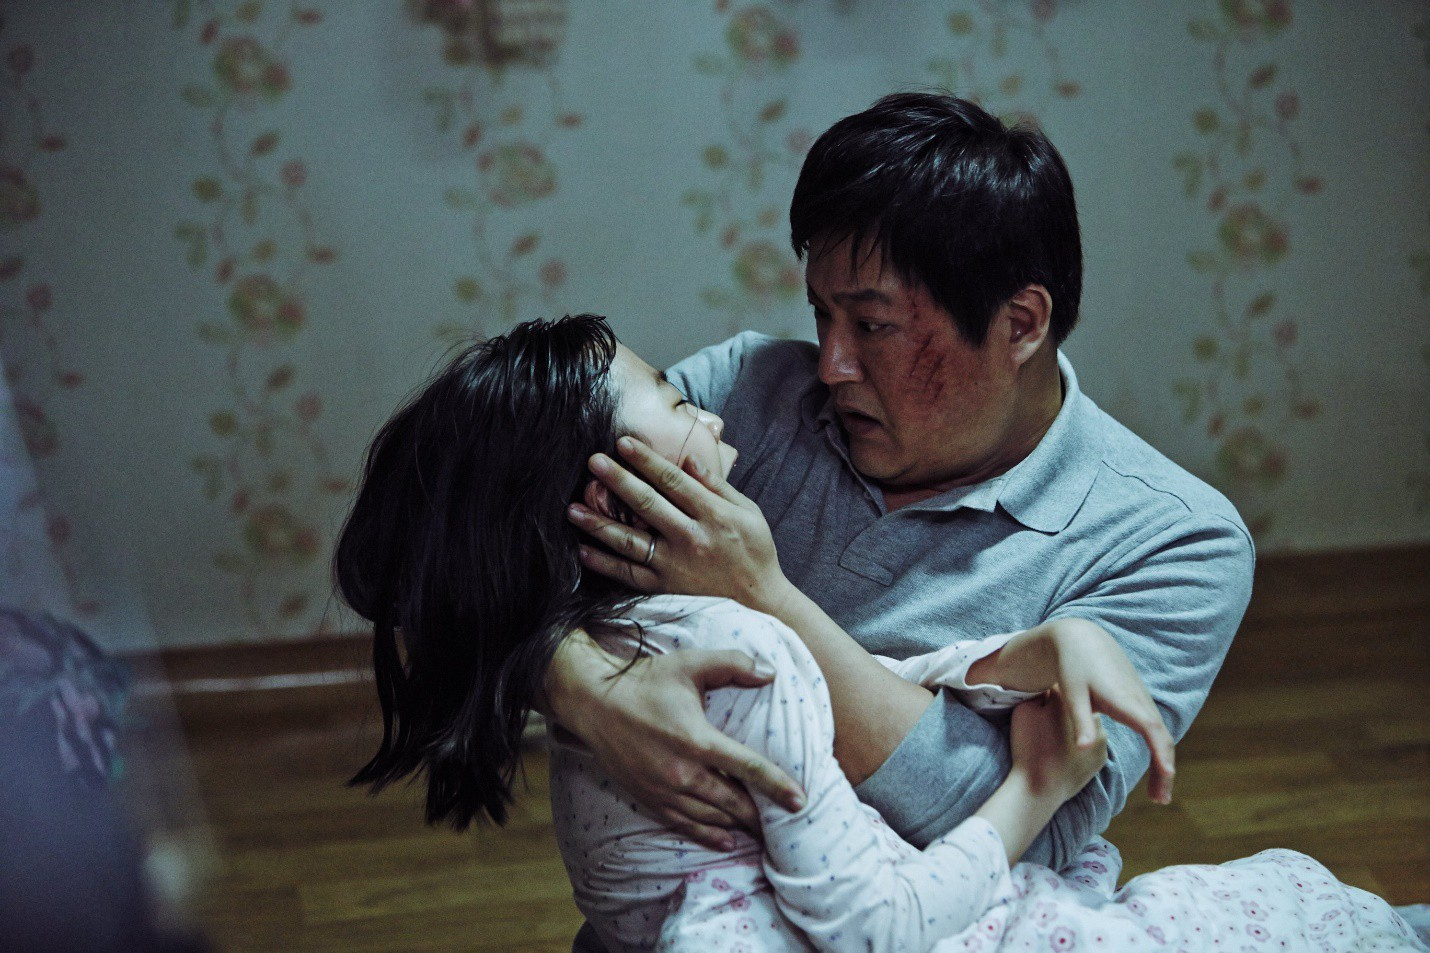 10 phim Hàn siêu hay nhưng kết siêu thảm đưa người xem đến tận cùng tuyệt vọng (Phần cuối) - Ảnh 3.